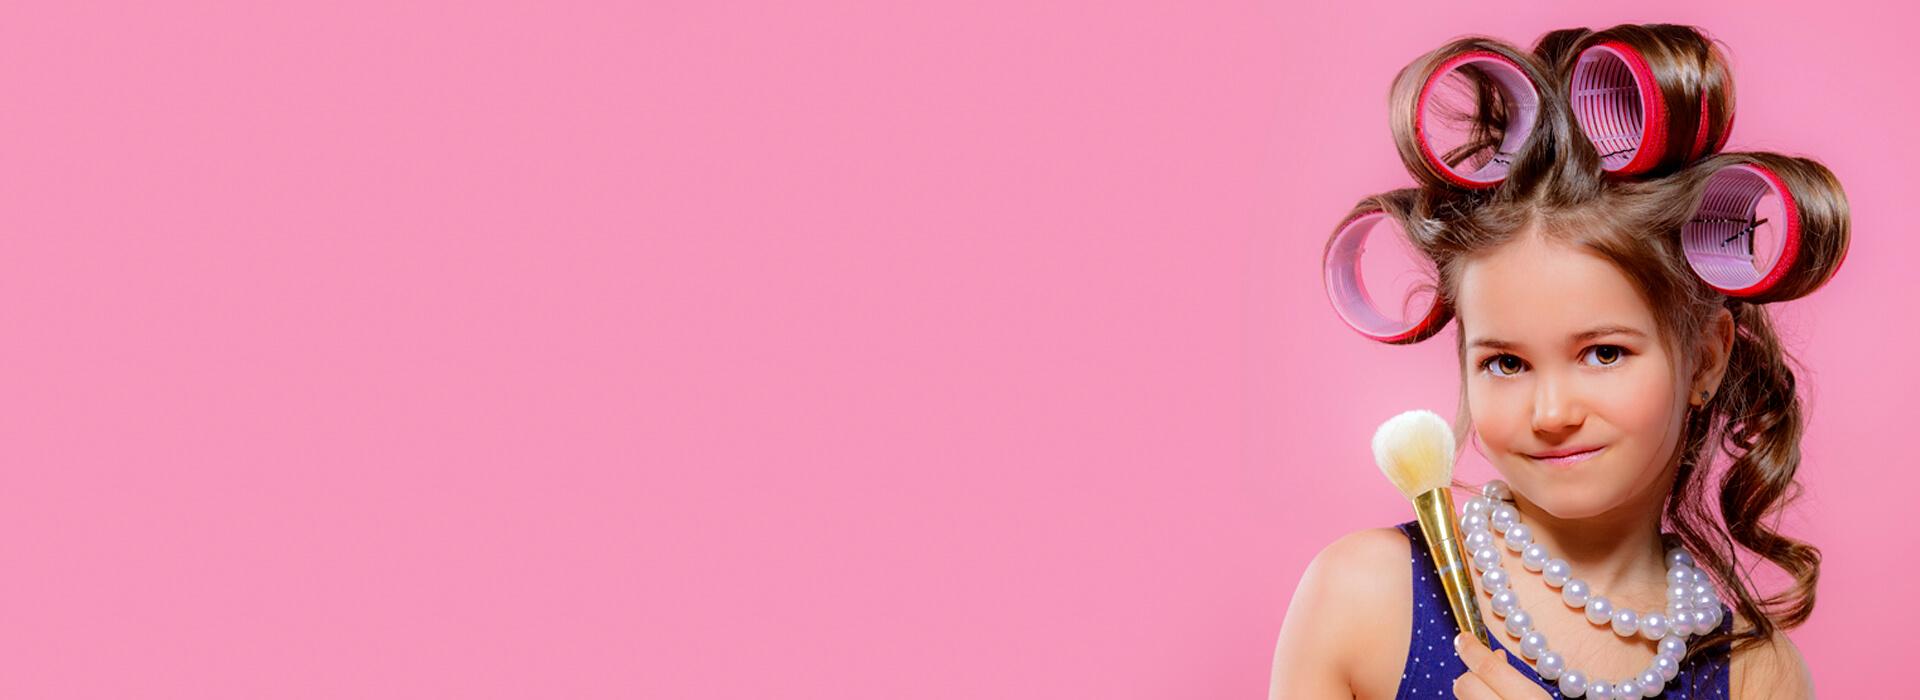 Meisje met krulspelden en make-up borstel